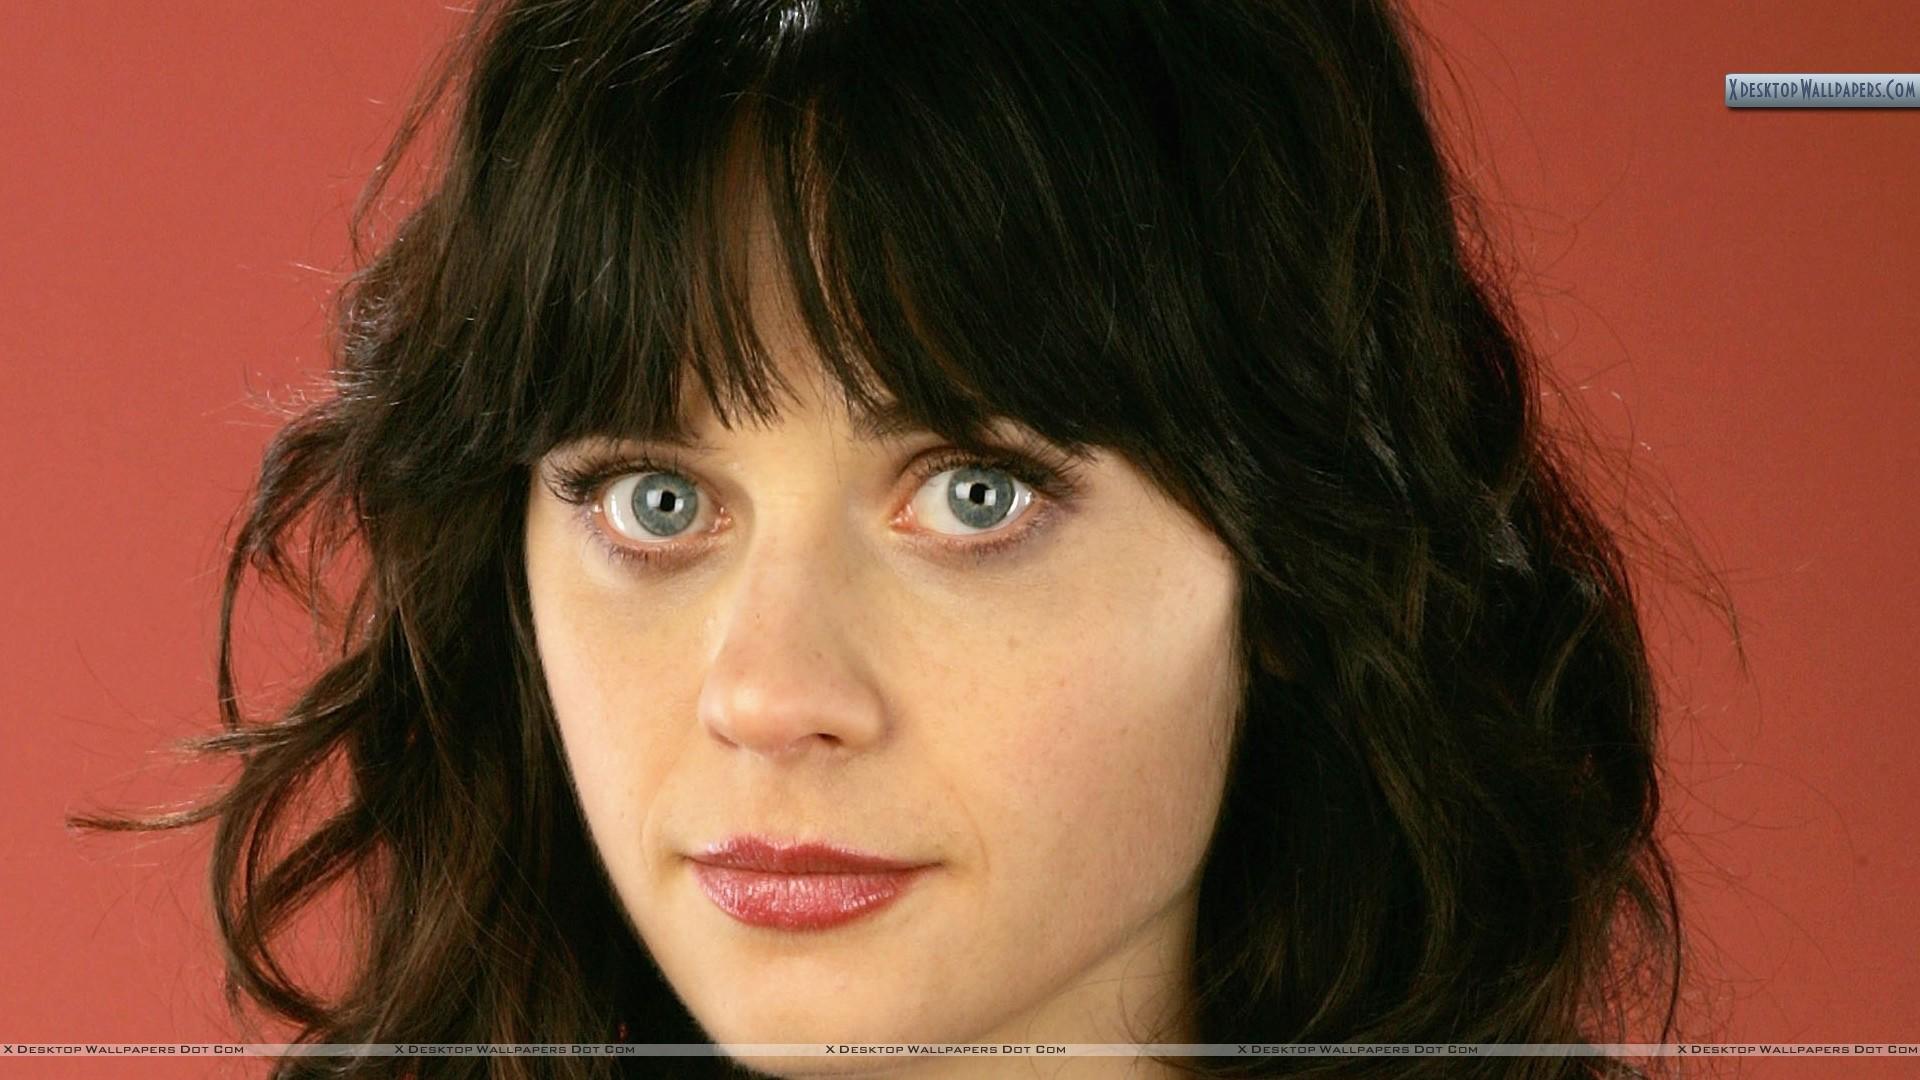 Cute-Face-Closeup-Of-Zooey-Deschanel